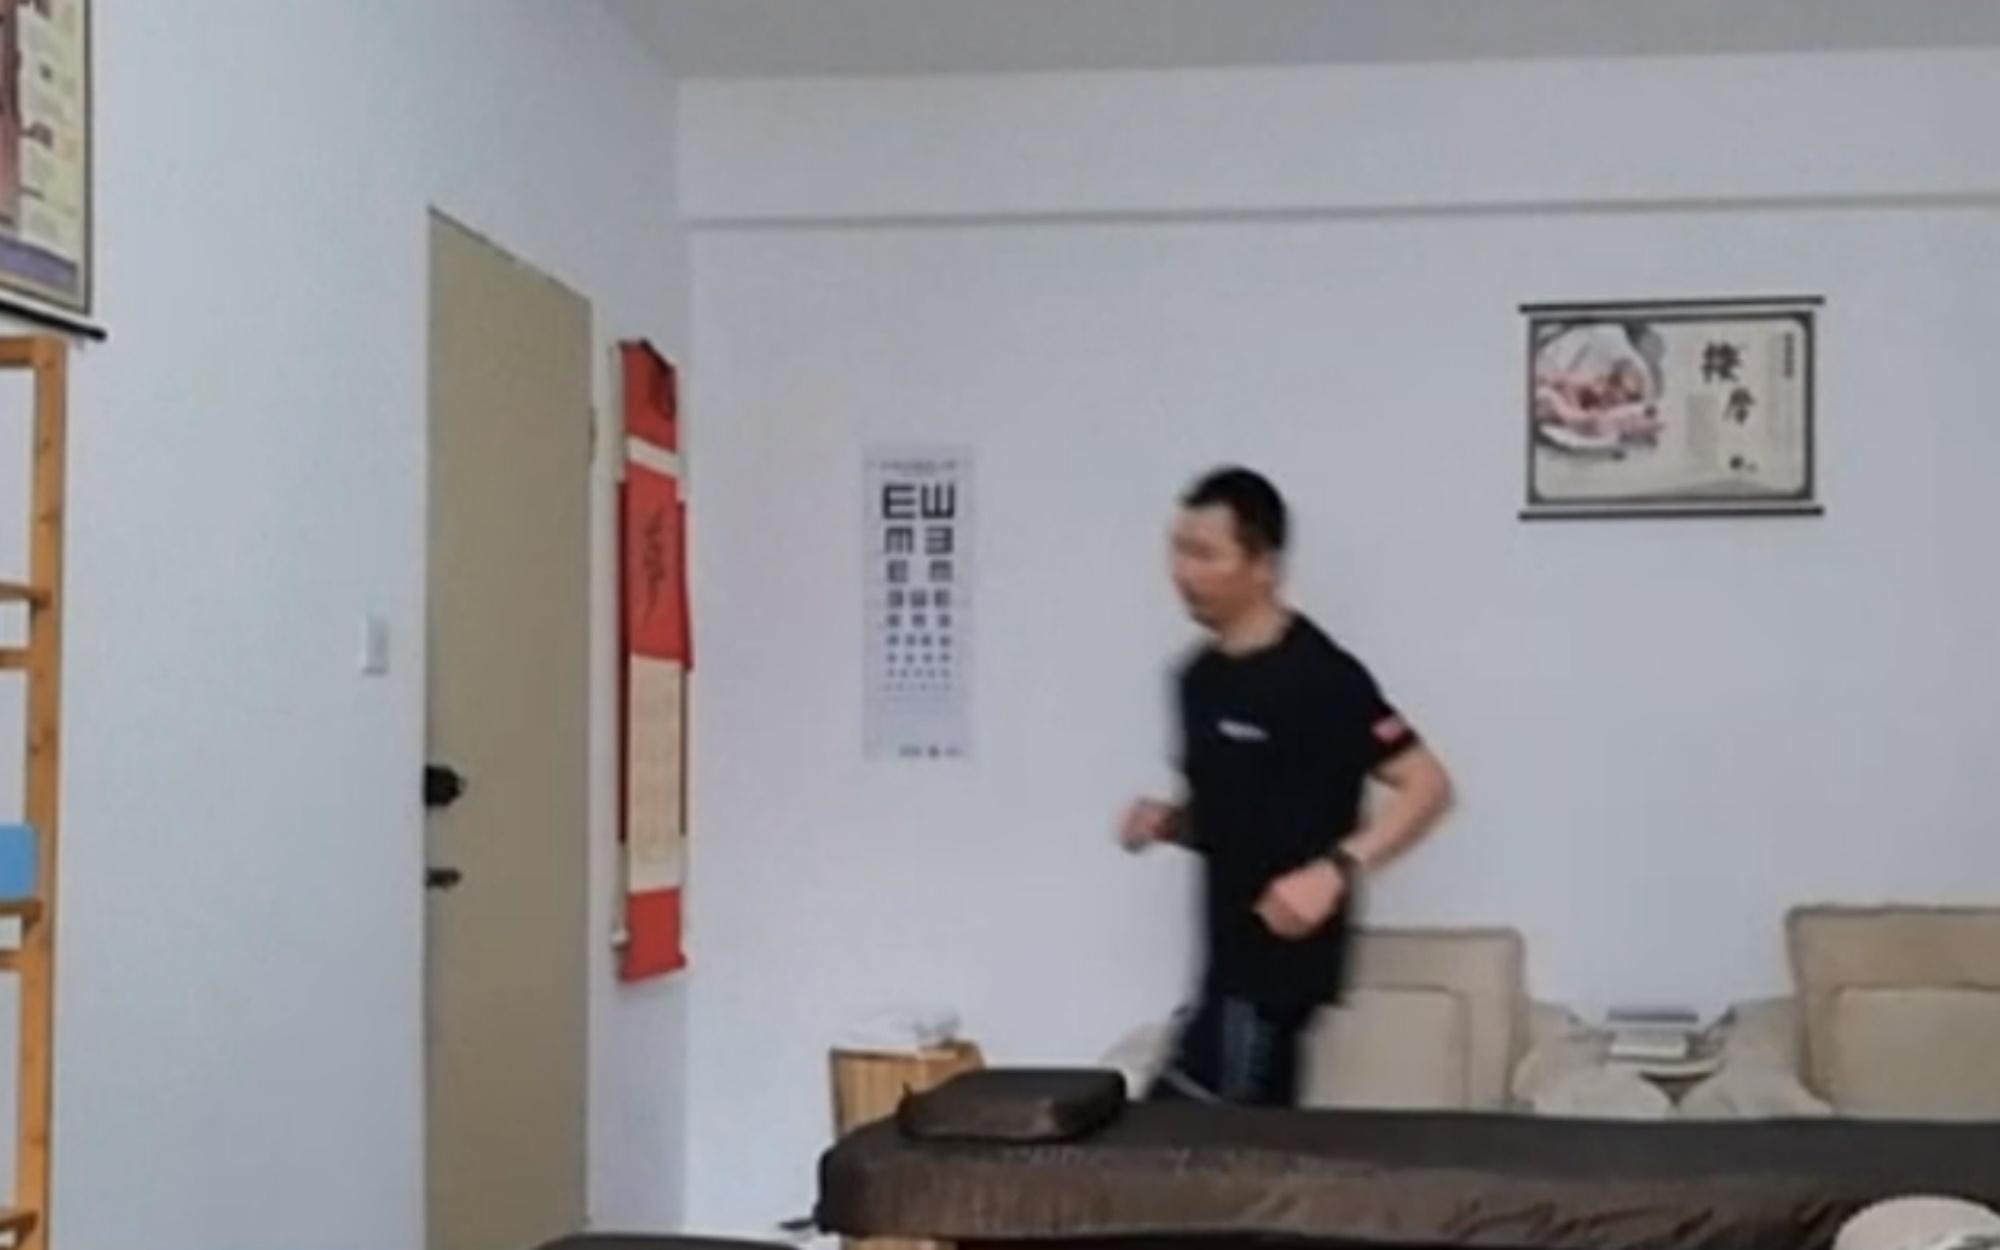 Έτρεξε 66 χιλιόμετρα μέσα στο διαμέρισμά του λόγω κορωνοϊού!